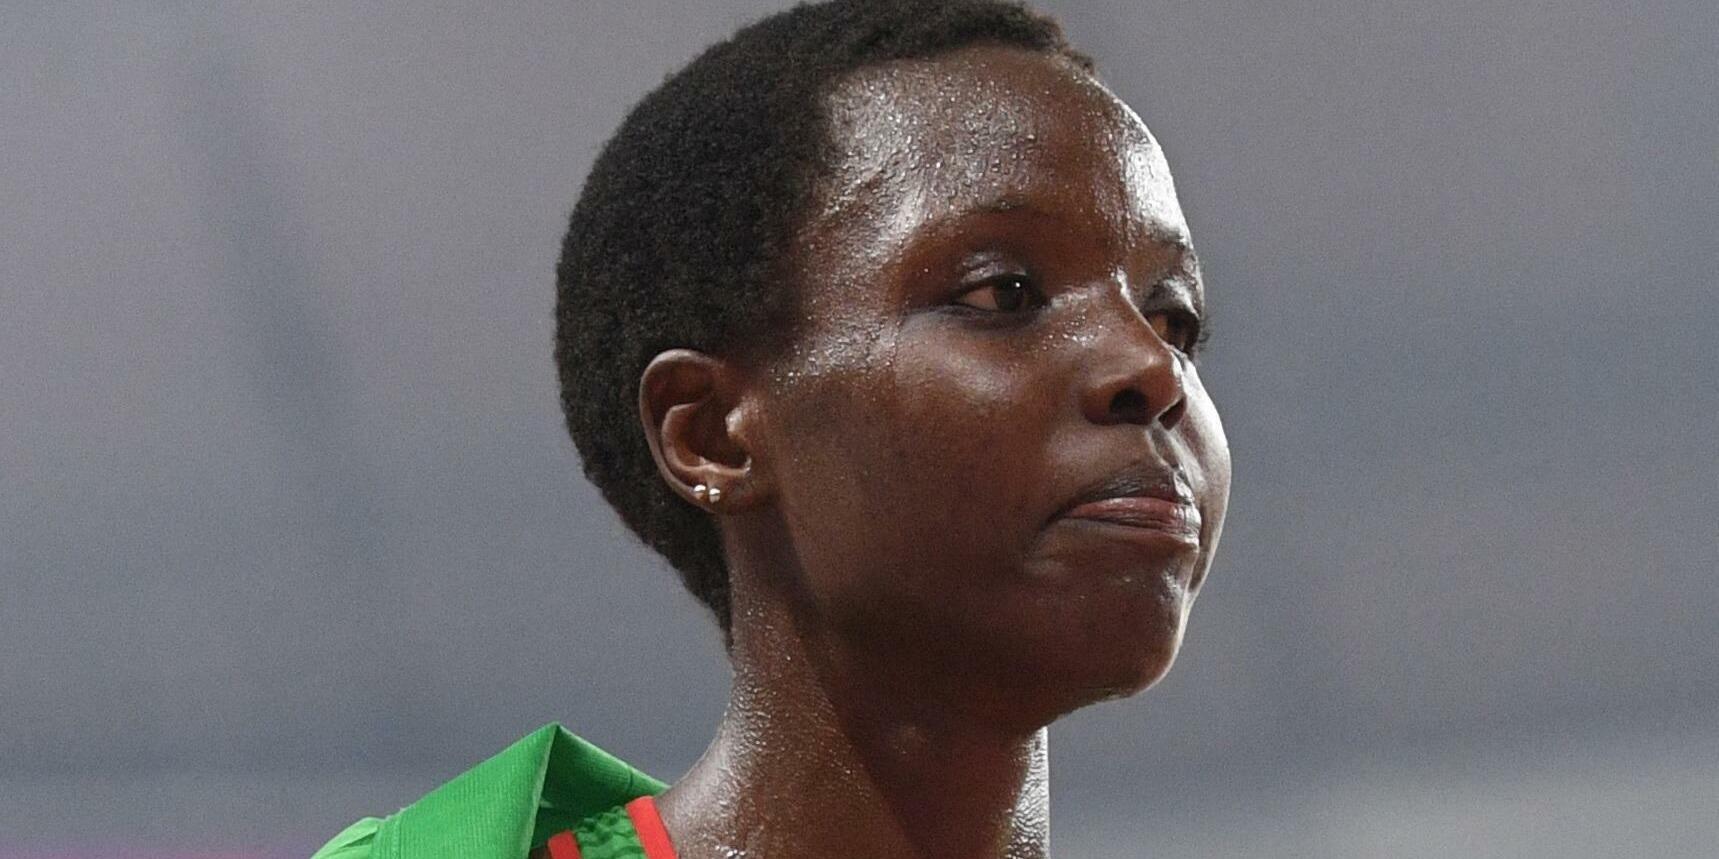 肯尼亞長跑世界紀錄保持者倒斃家中 身中多刀疑丈夫所為